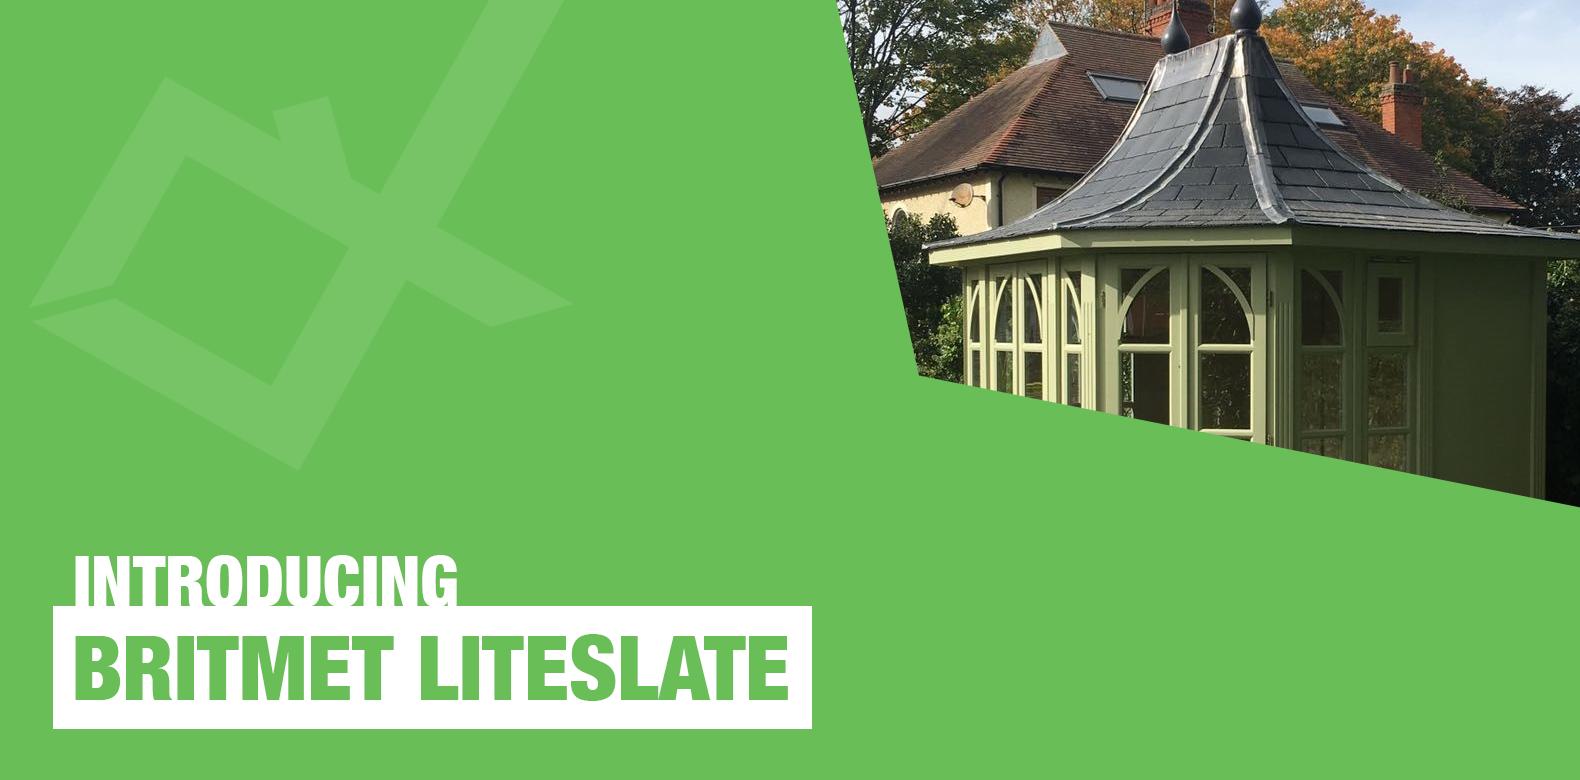 Introducing the Britmet LiteSlate